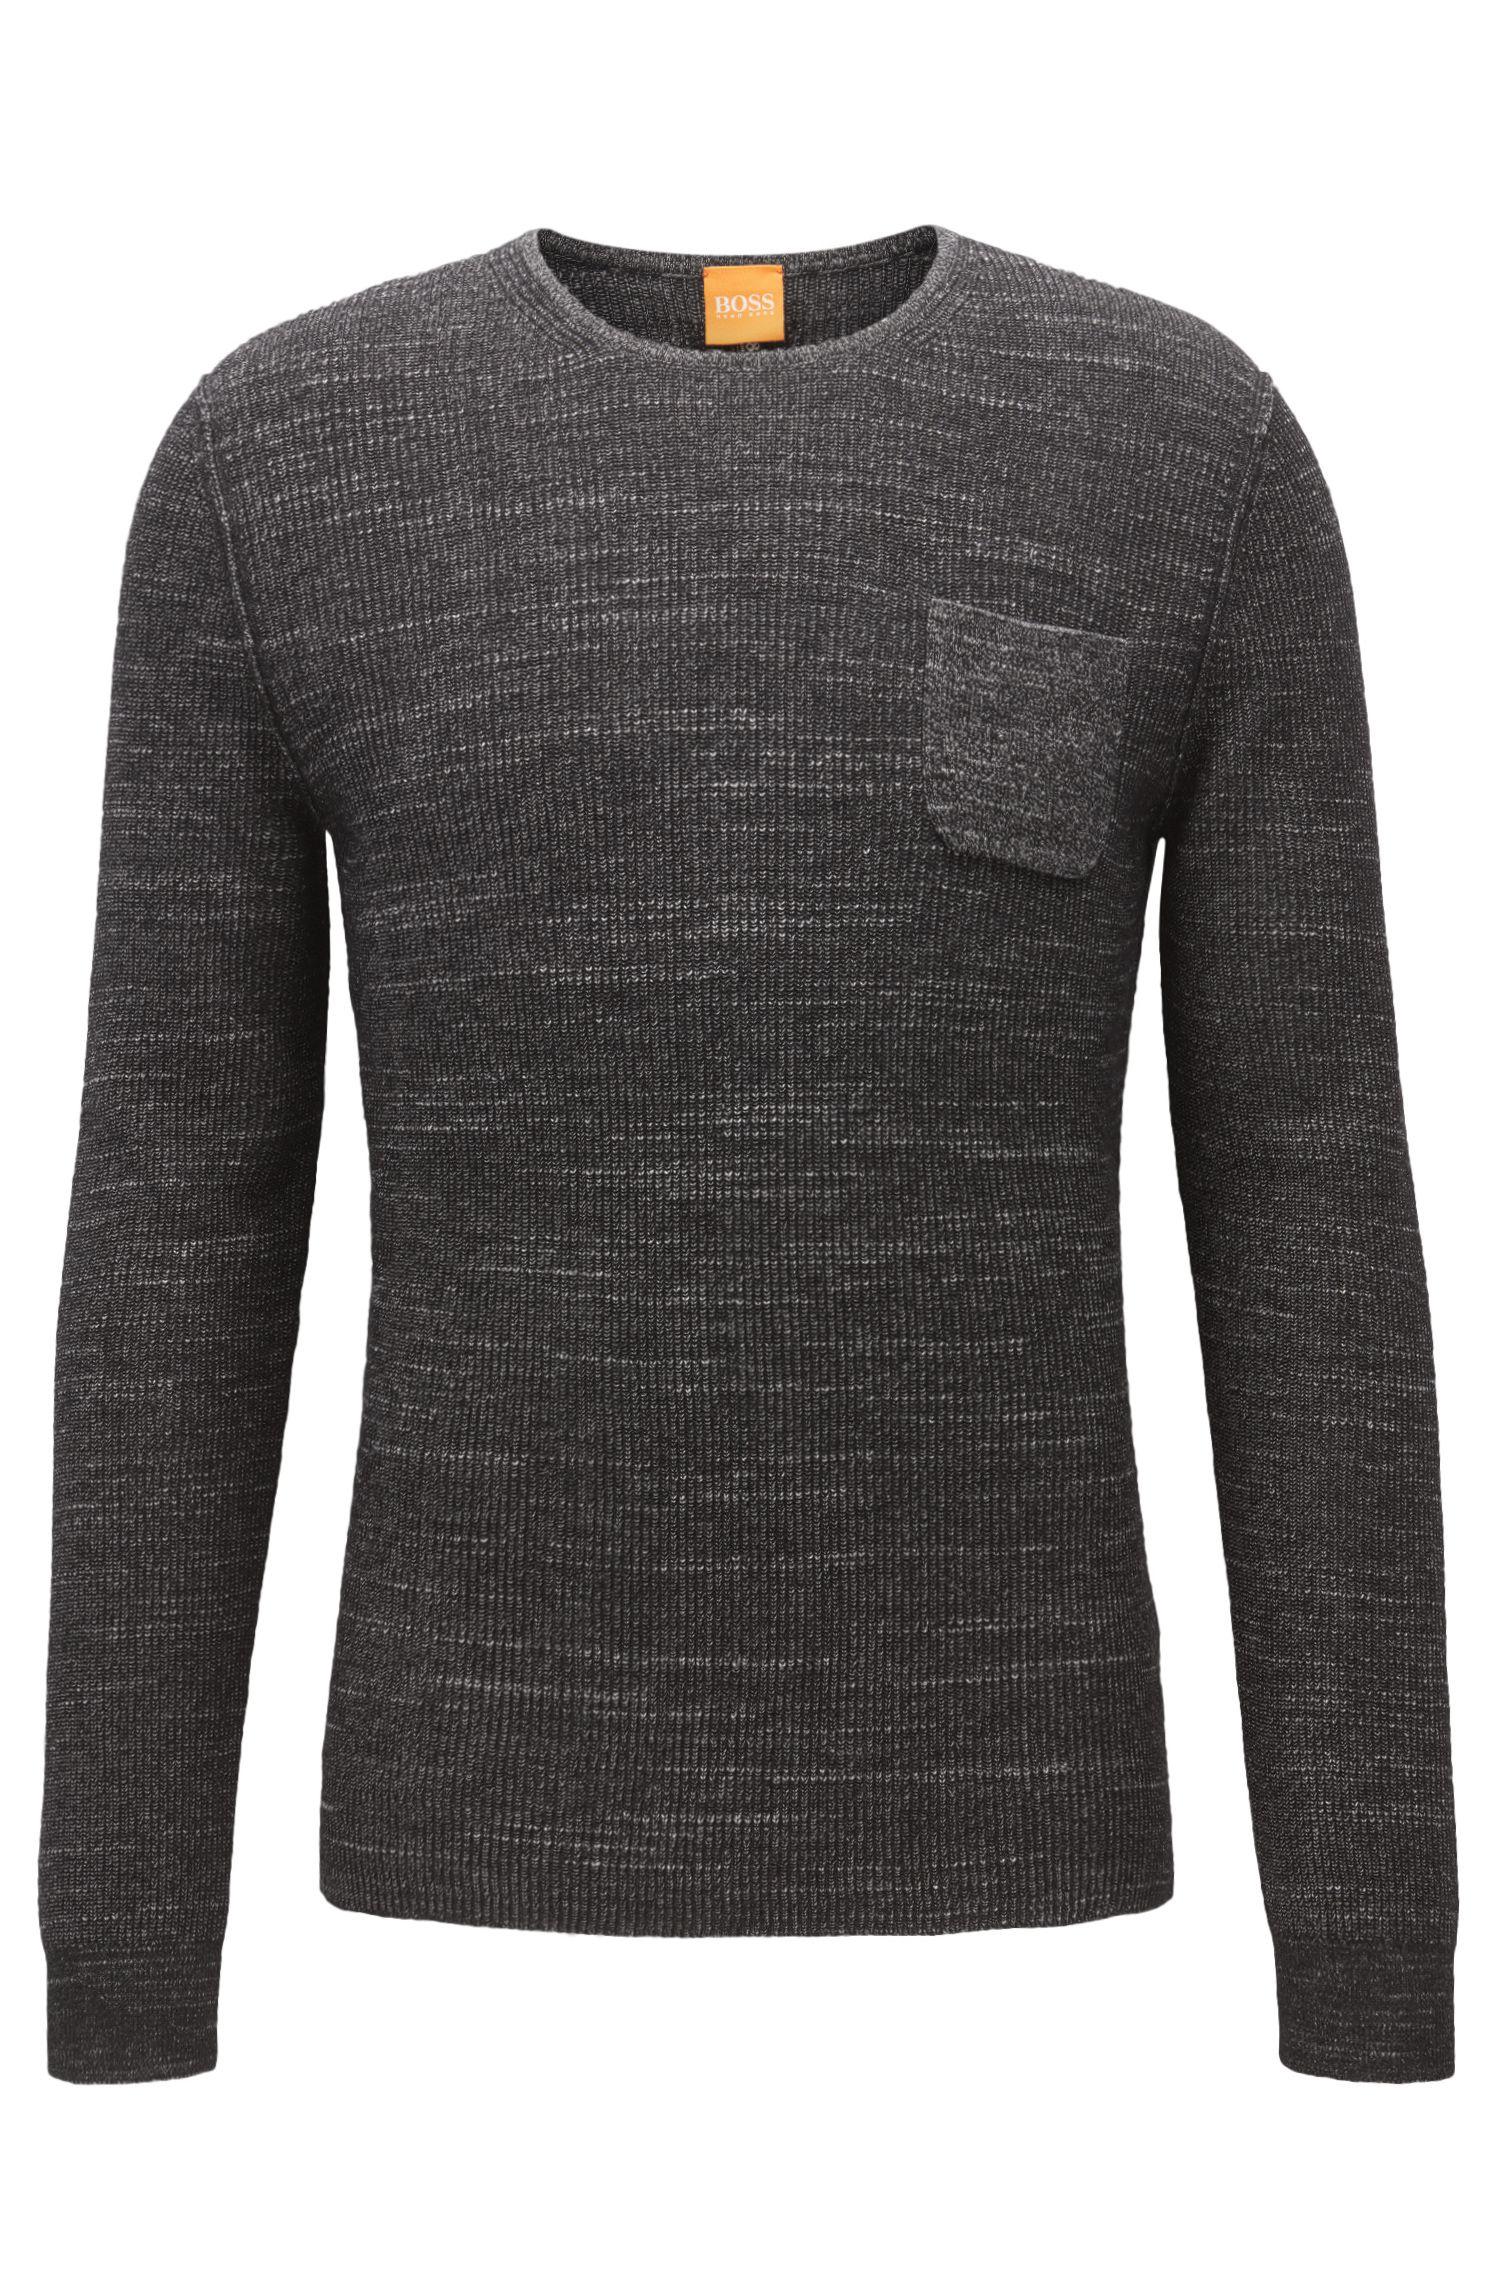 Cotton Blend Sweater | Kutask